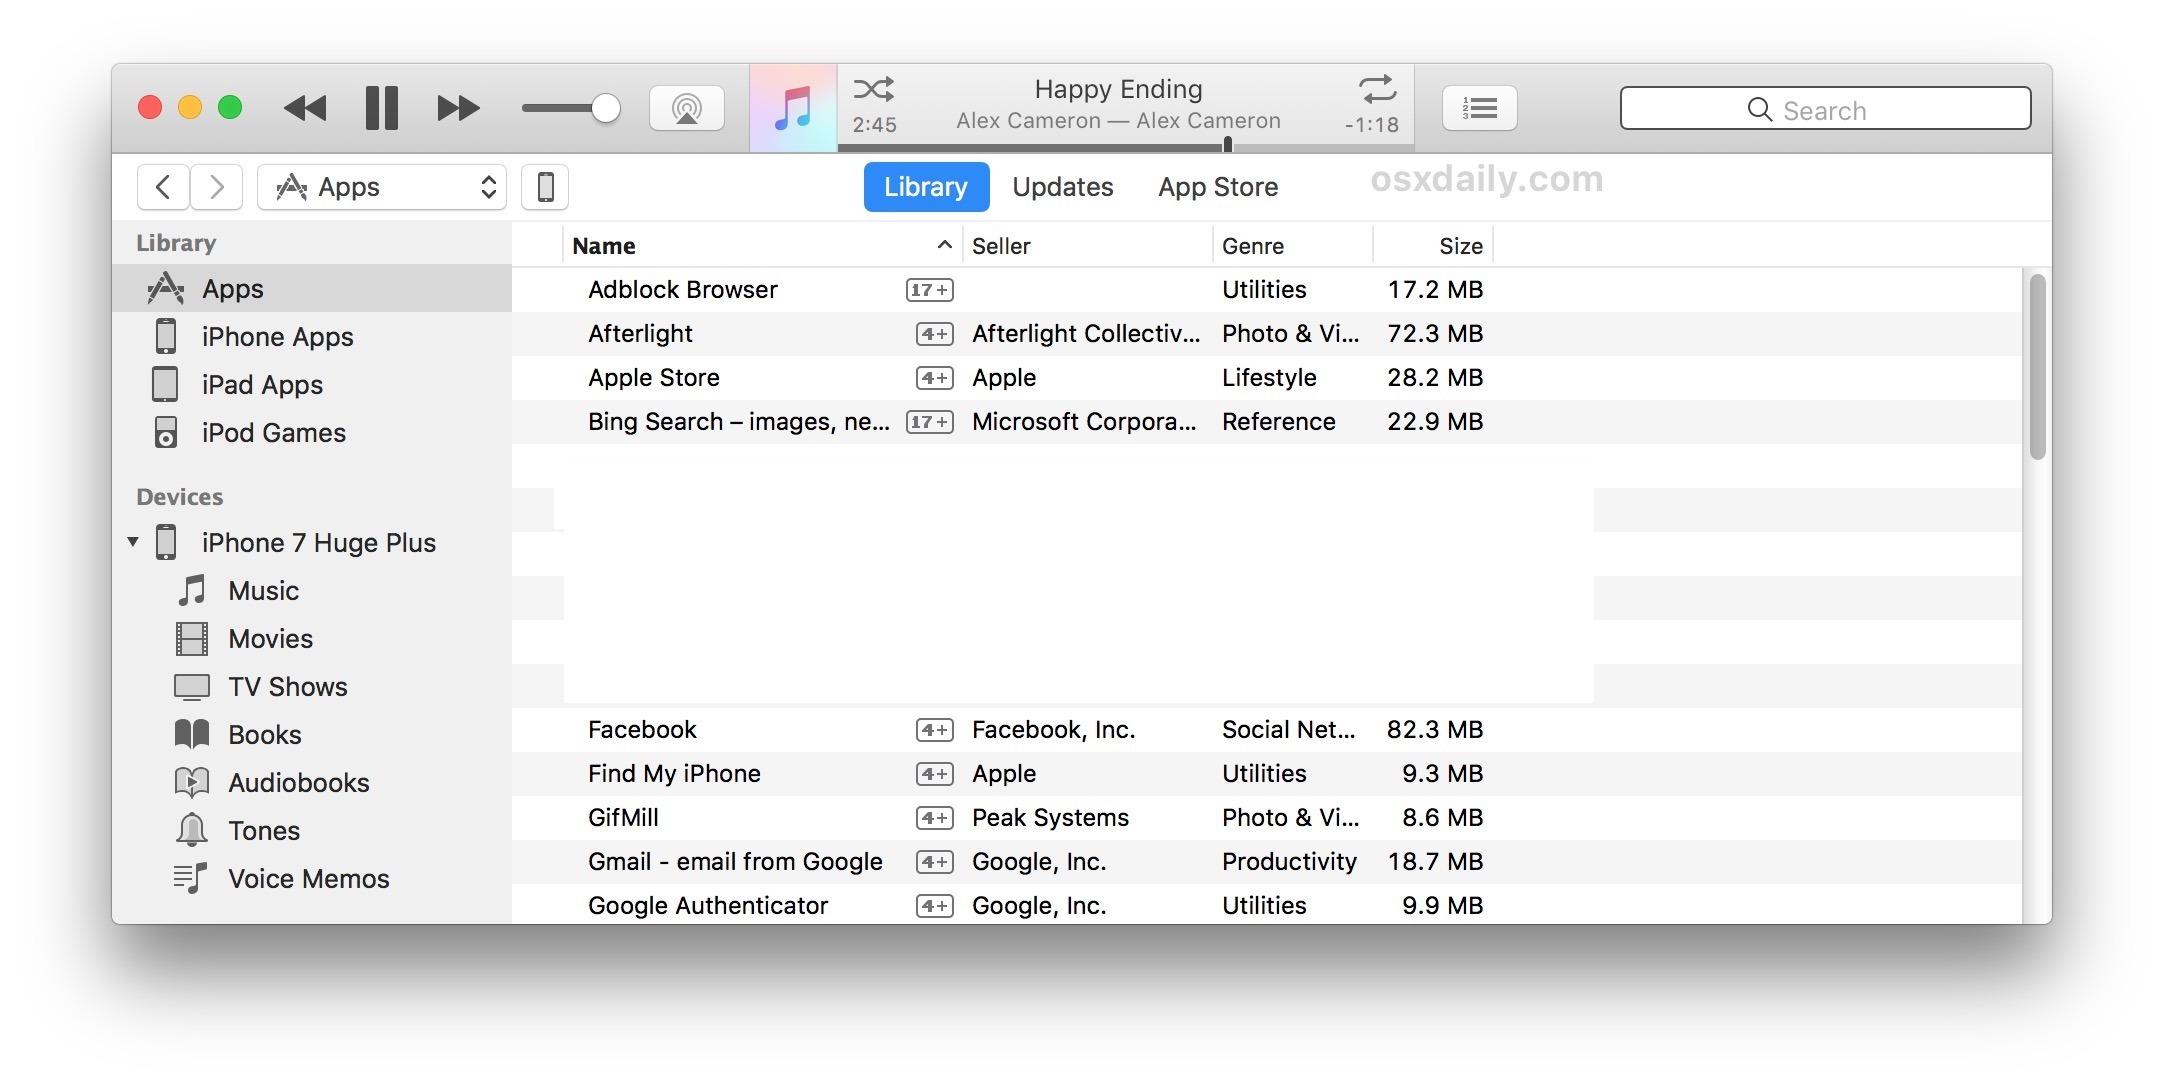 Accedi alle app e App Store su iTunes 12.6.3